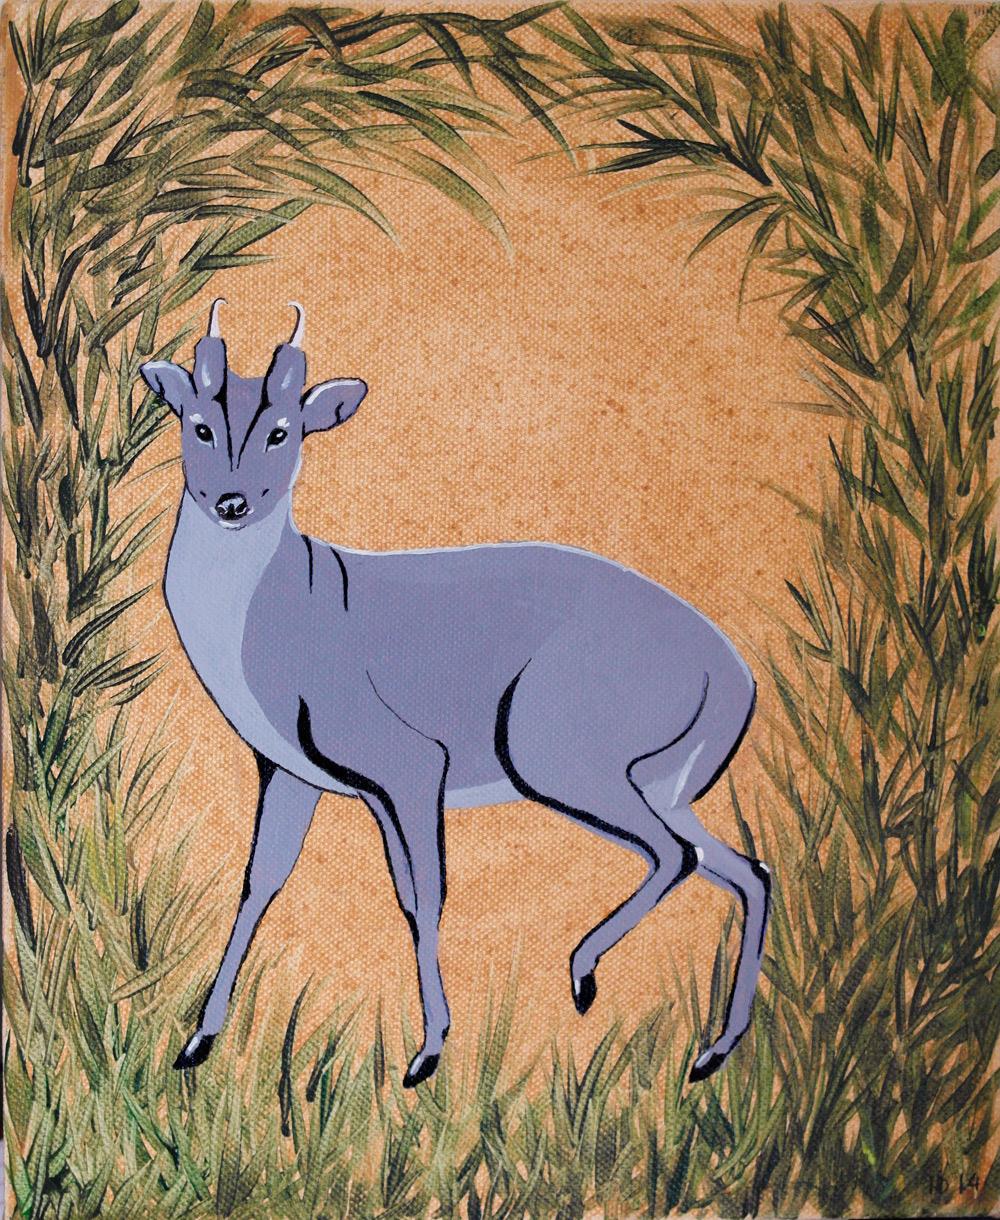 PP's Muntjac deer